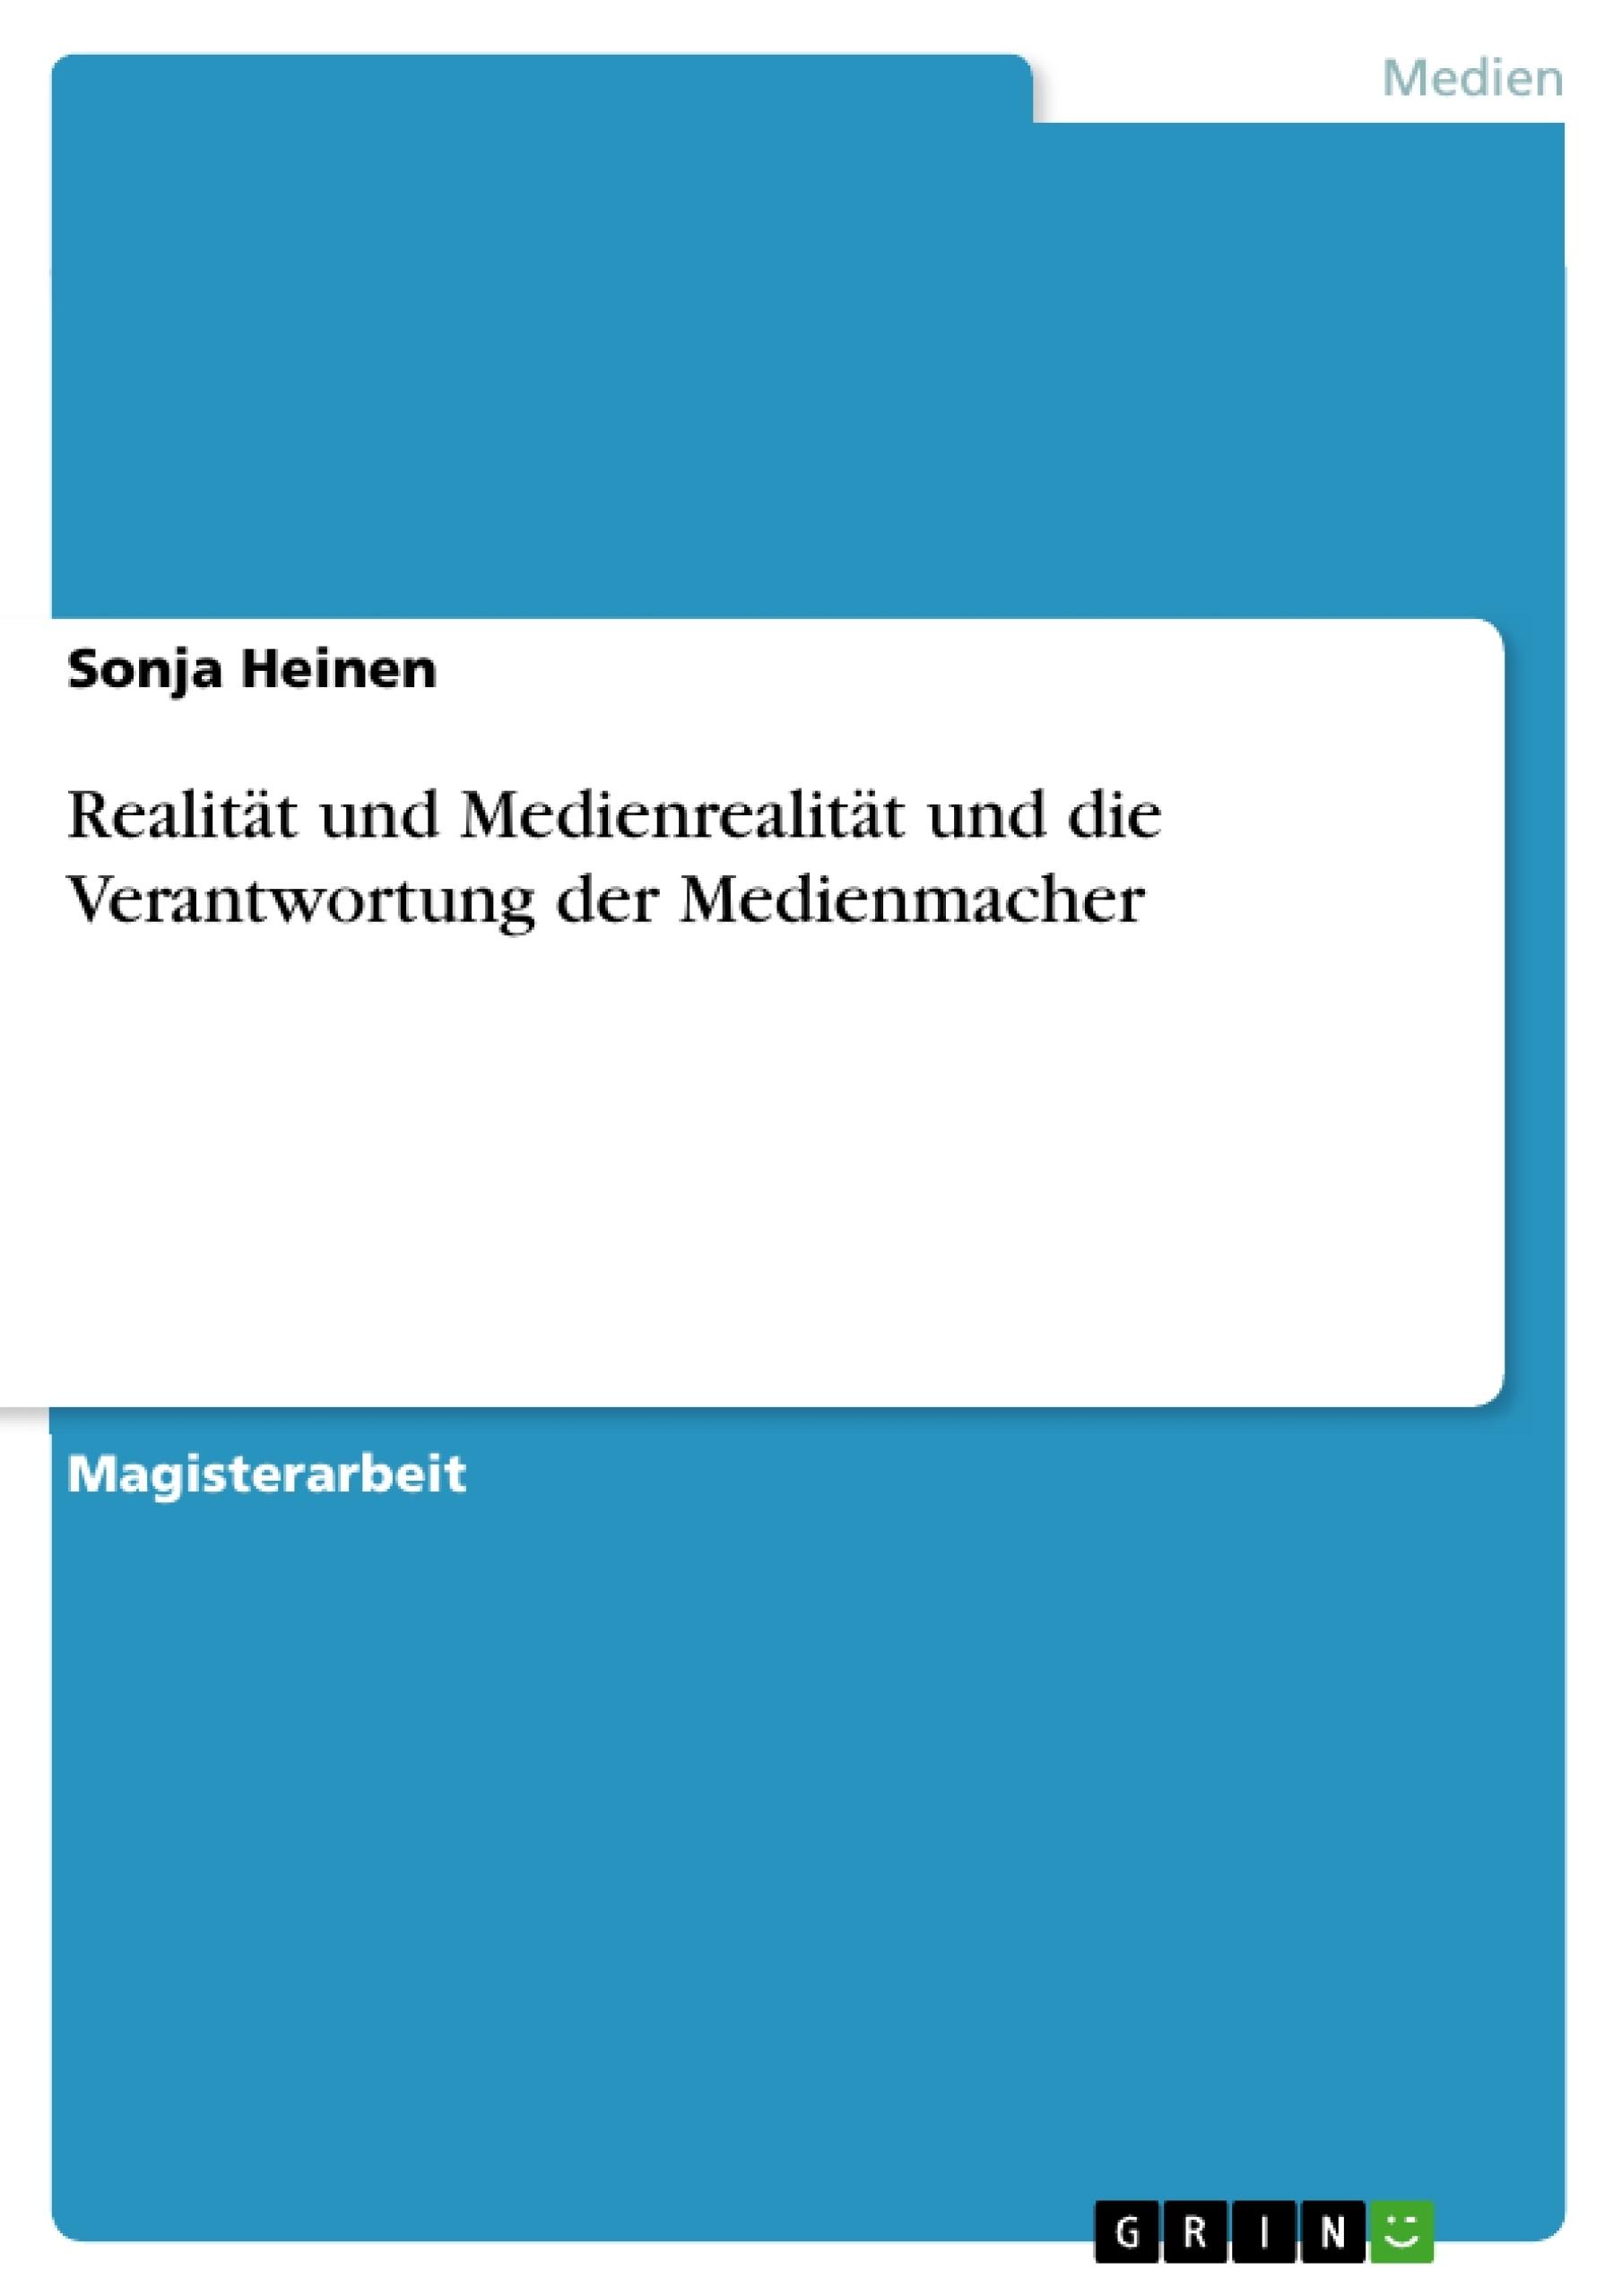 Titel: Realität und Medienrealität und die Verantwortung der Medienmacher